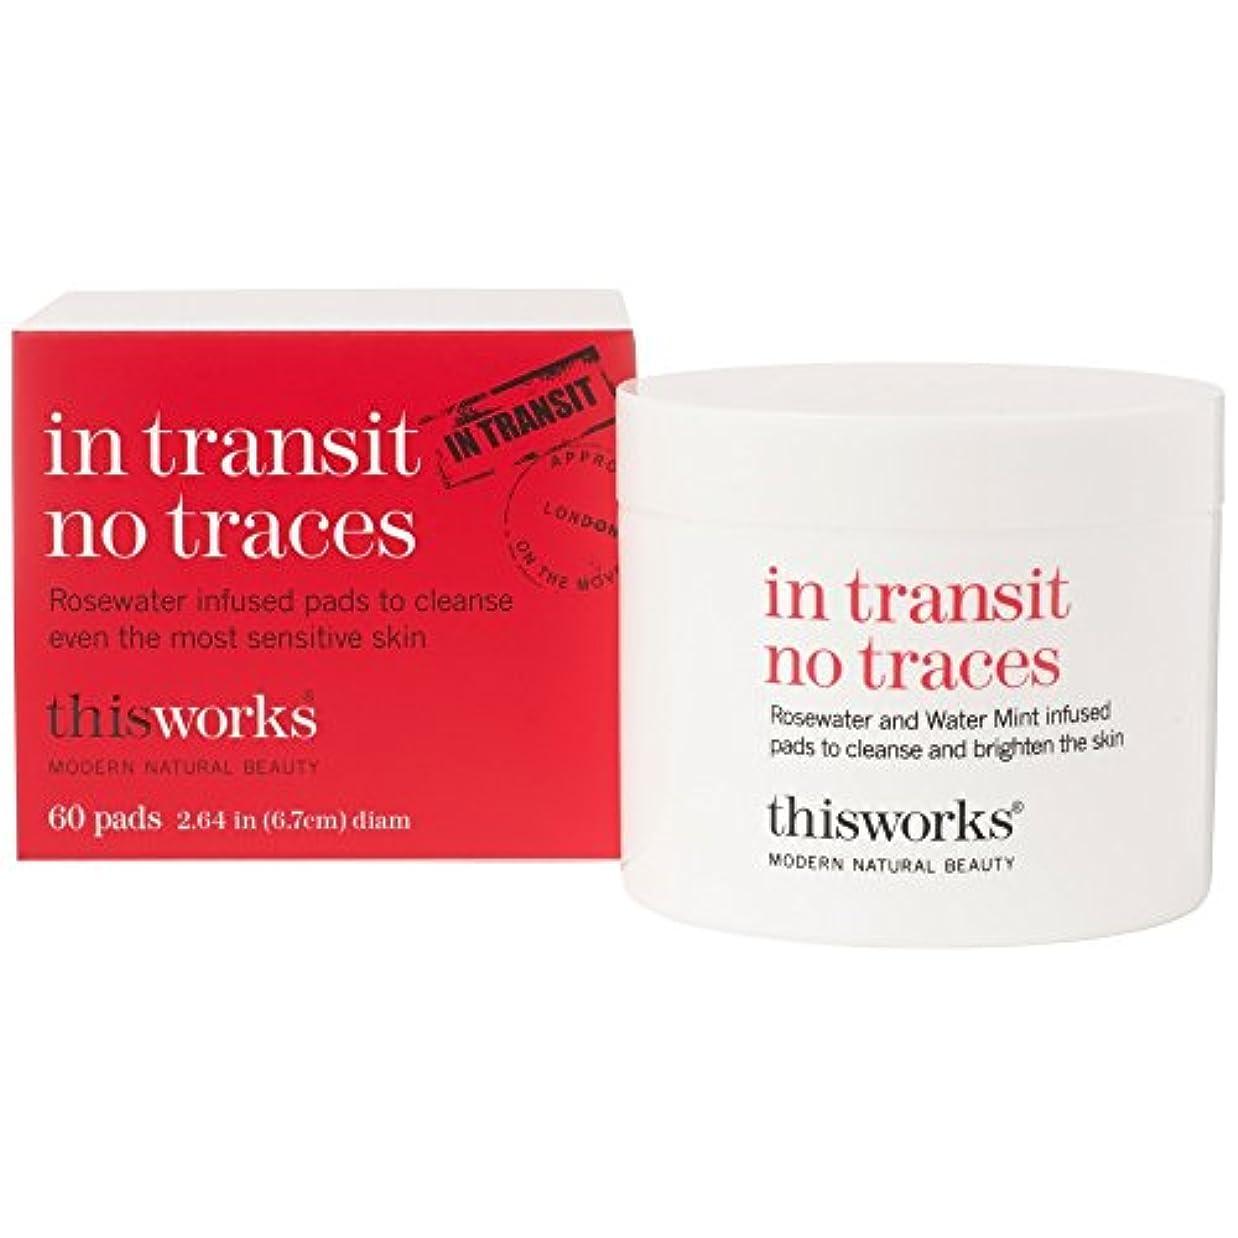 存在評決クリームこれは、輸送中に痕跡、60パッドに動作しません (This Works) - This Works In Transit No Traces, 60 Pads [並行輸入品]